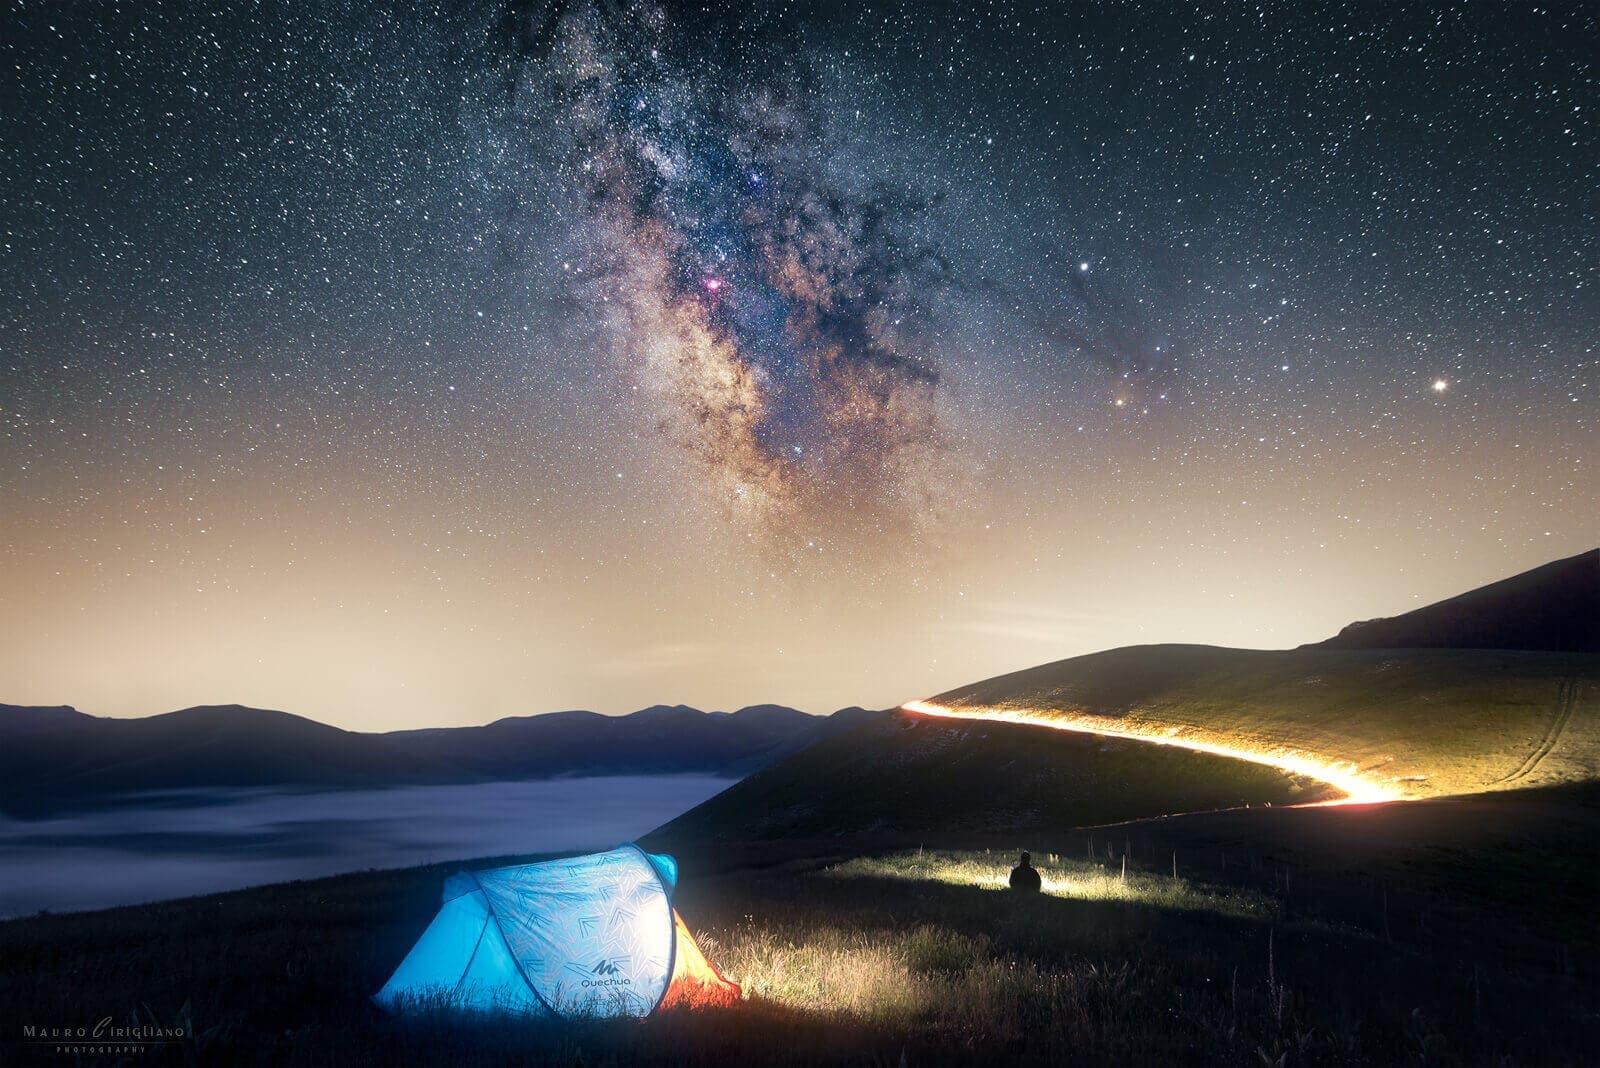 camping under the stars in castelluccio